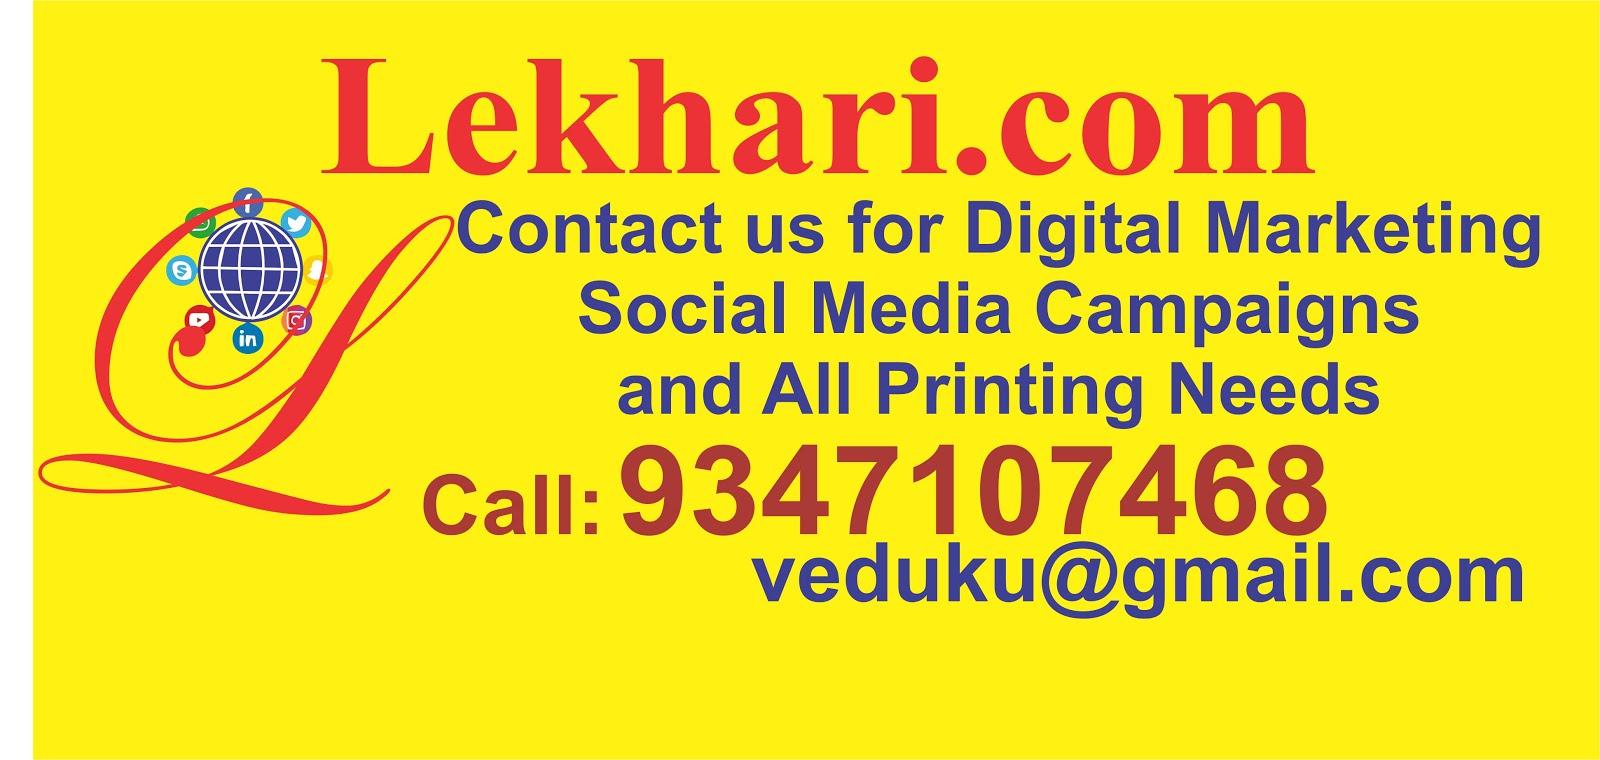 lekhari com